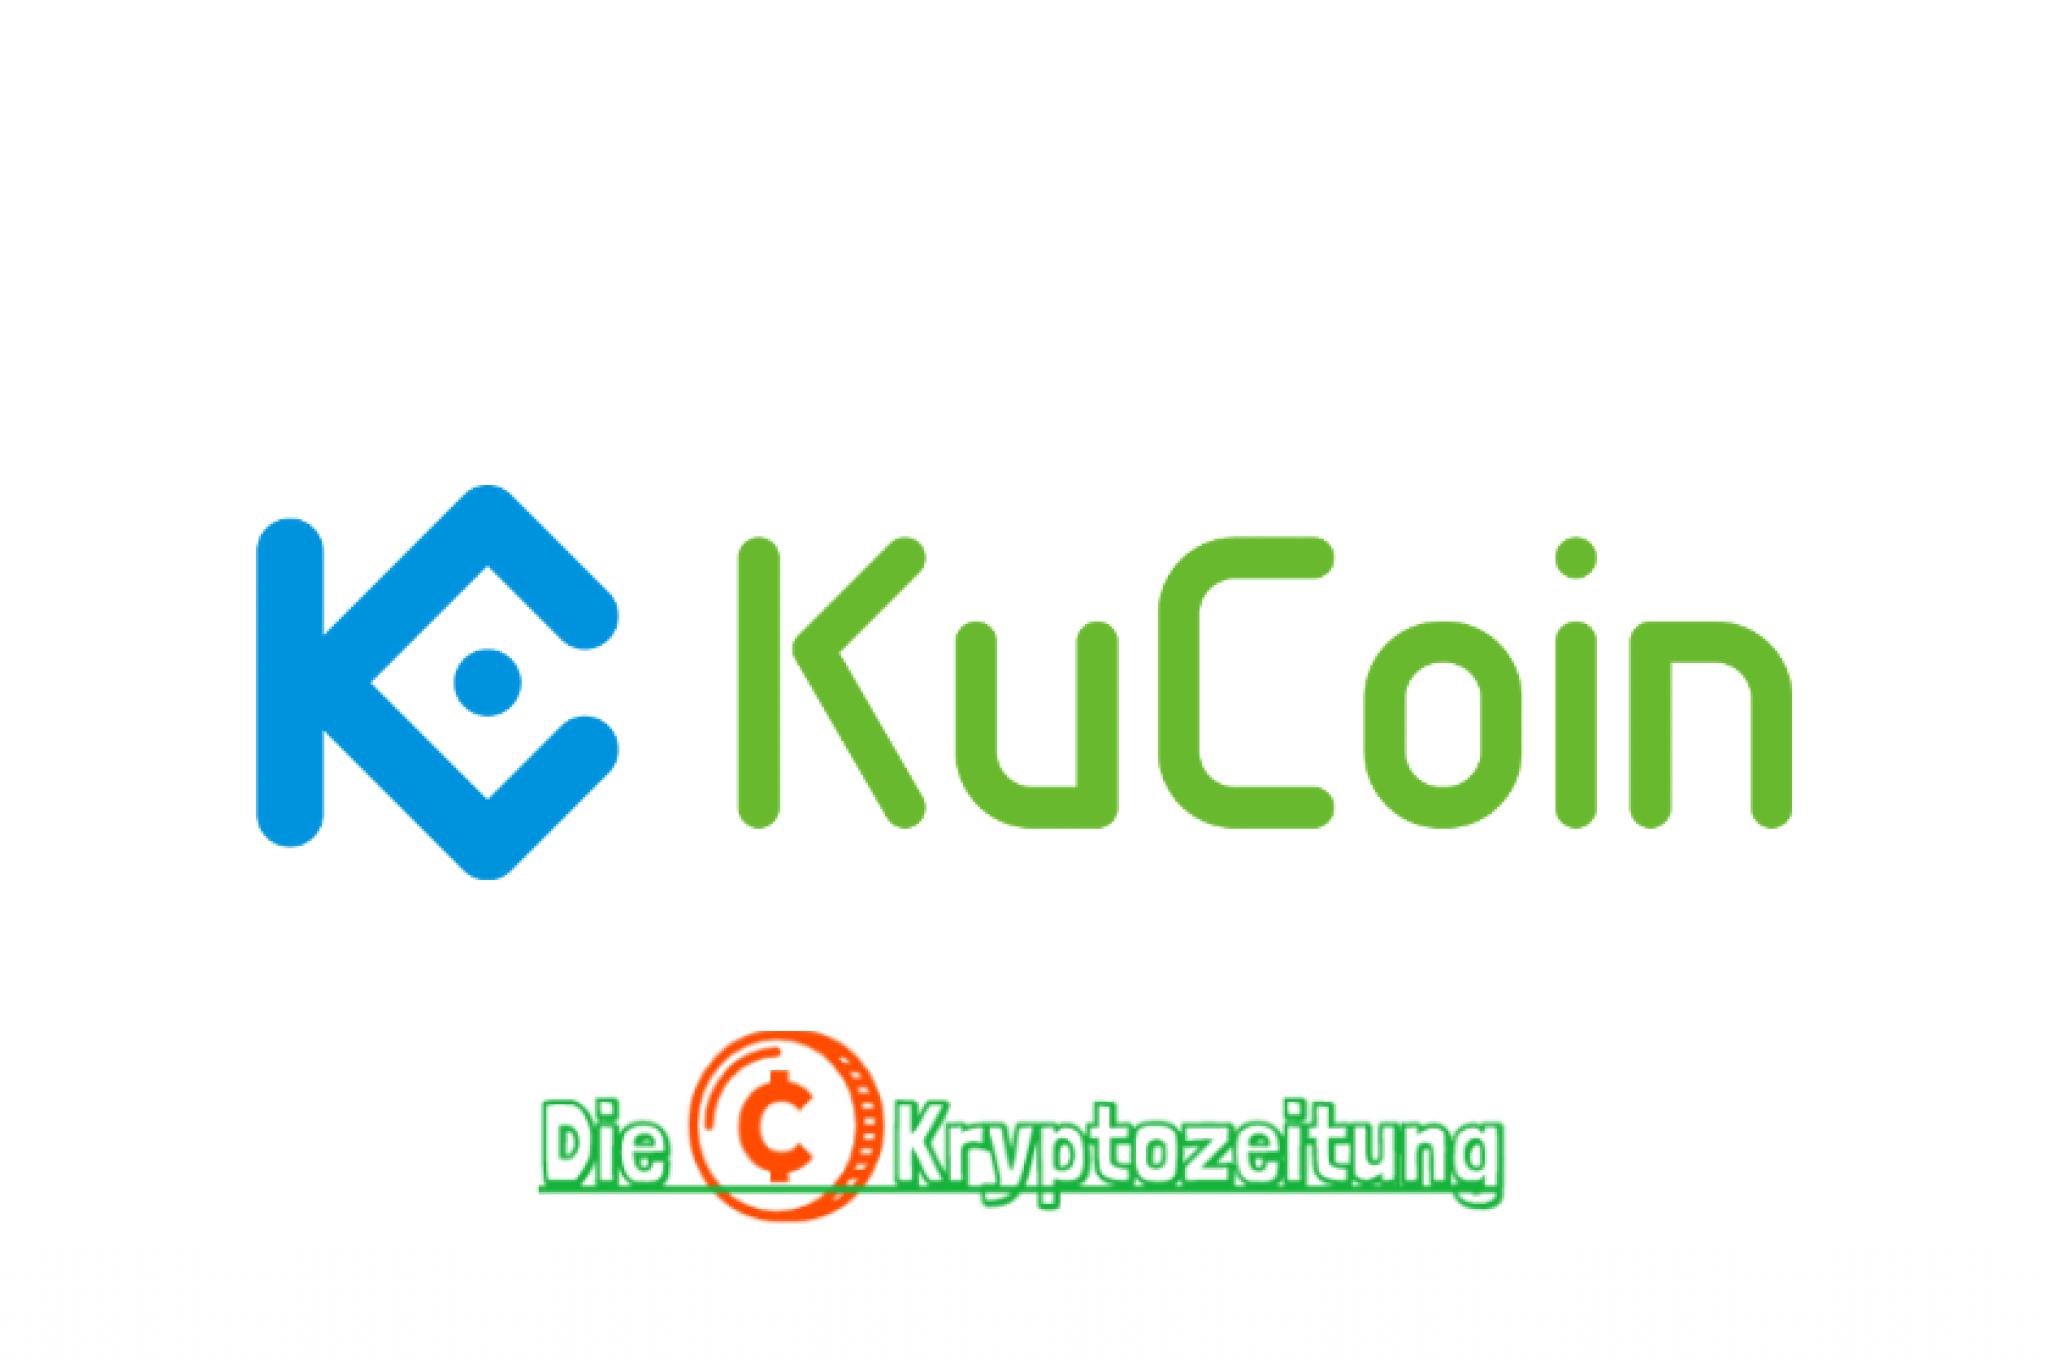 Wie lange dauert es, bis Bitcoin von Blockchain in Coinbase ubertragen wird